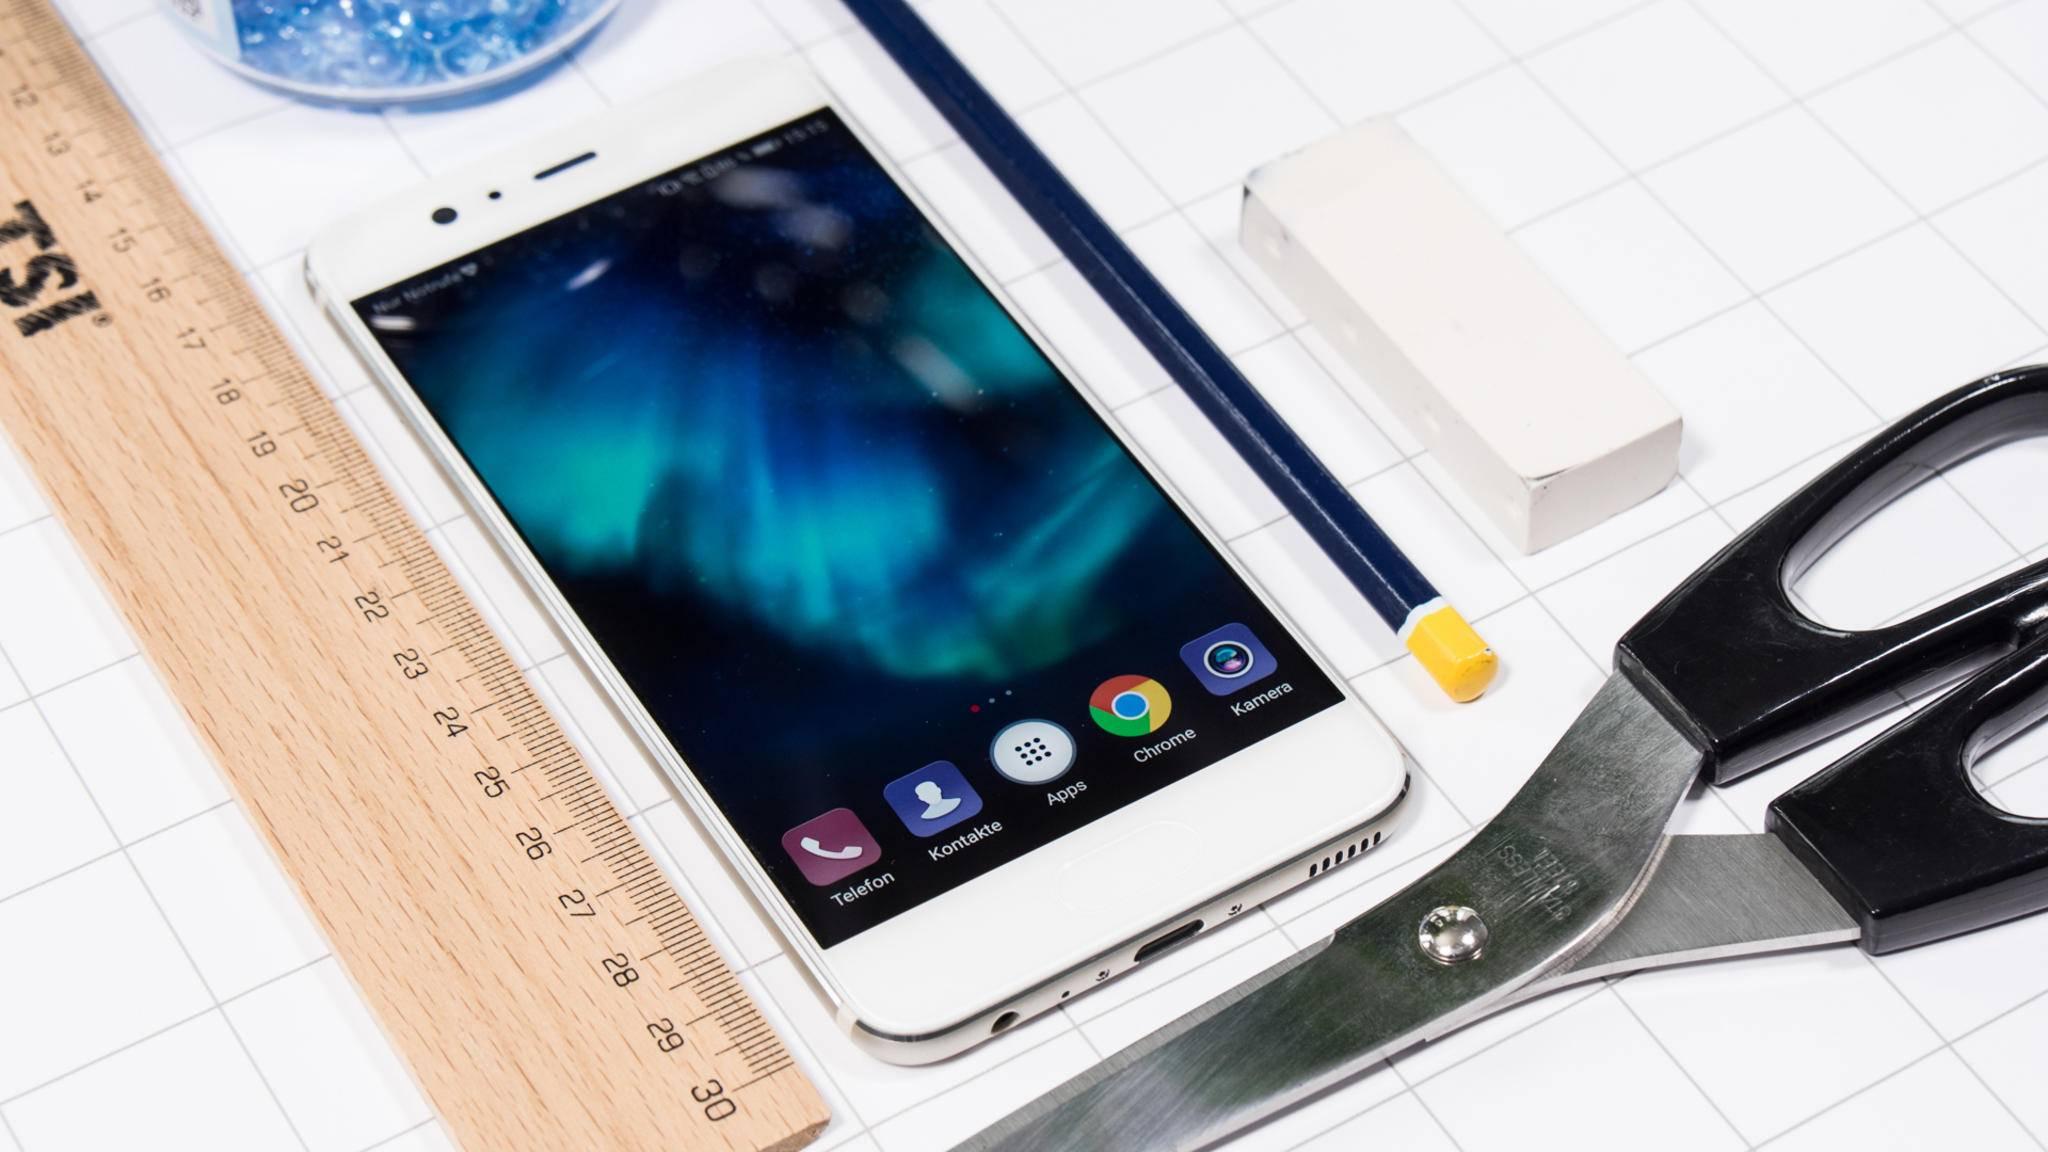 Mit den richtigen Tipps und Tricks beherrschst Du schnell die besonderen Funktionen des Huawei P10.